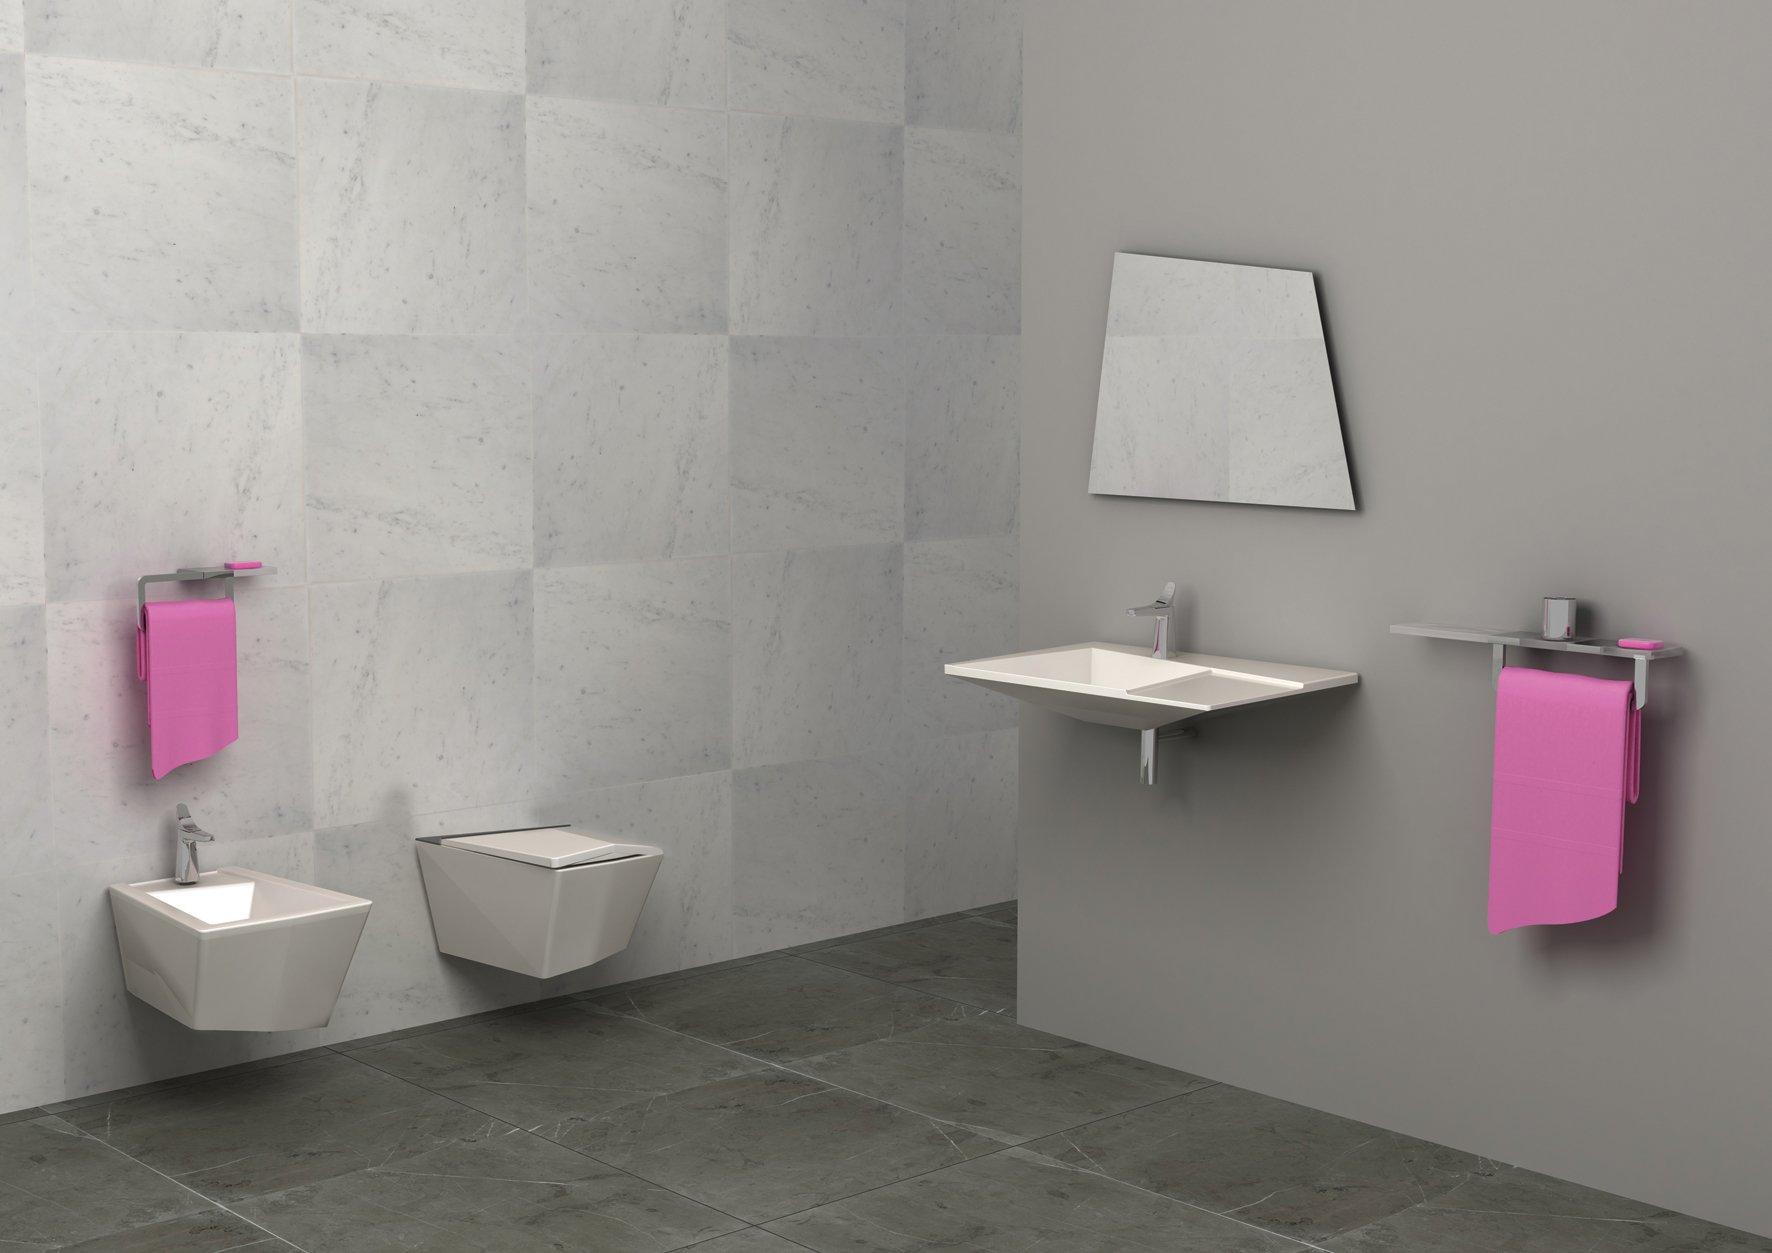 Rifare il bagno quanto costa e come scegliere i materiali for Quanto costa arredare un bagno